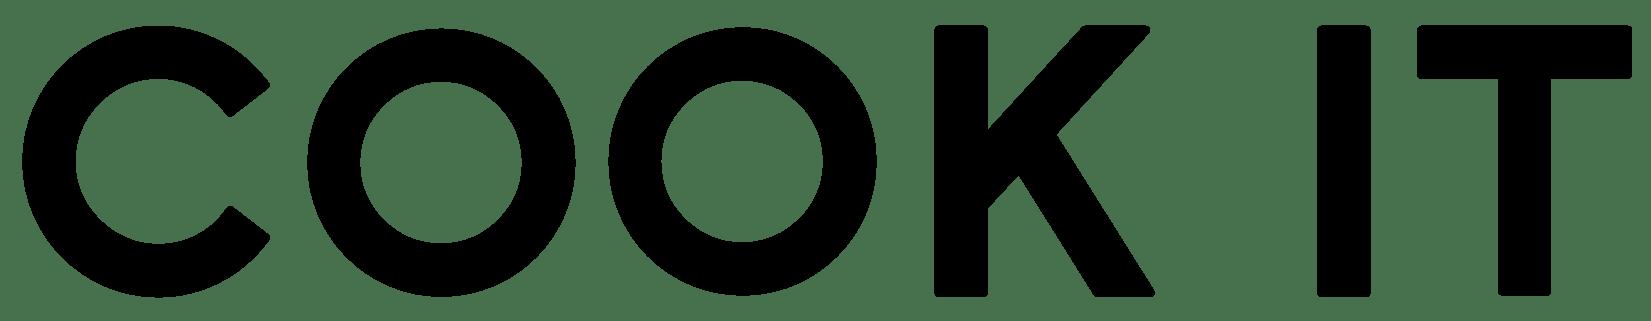 cookit-logo